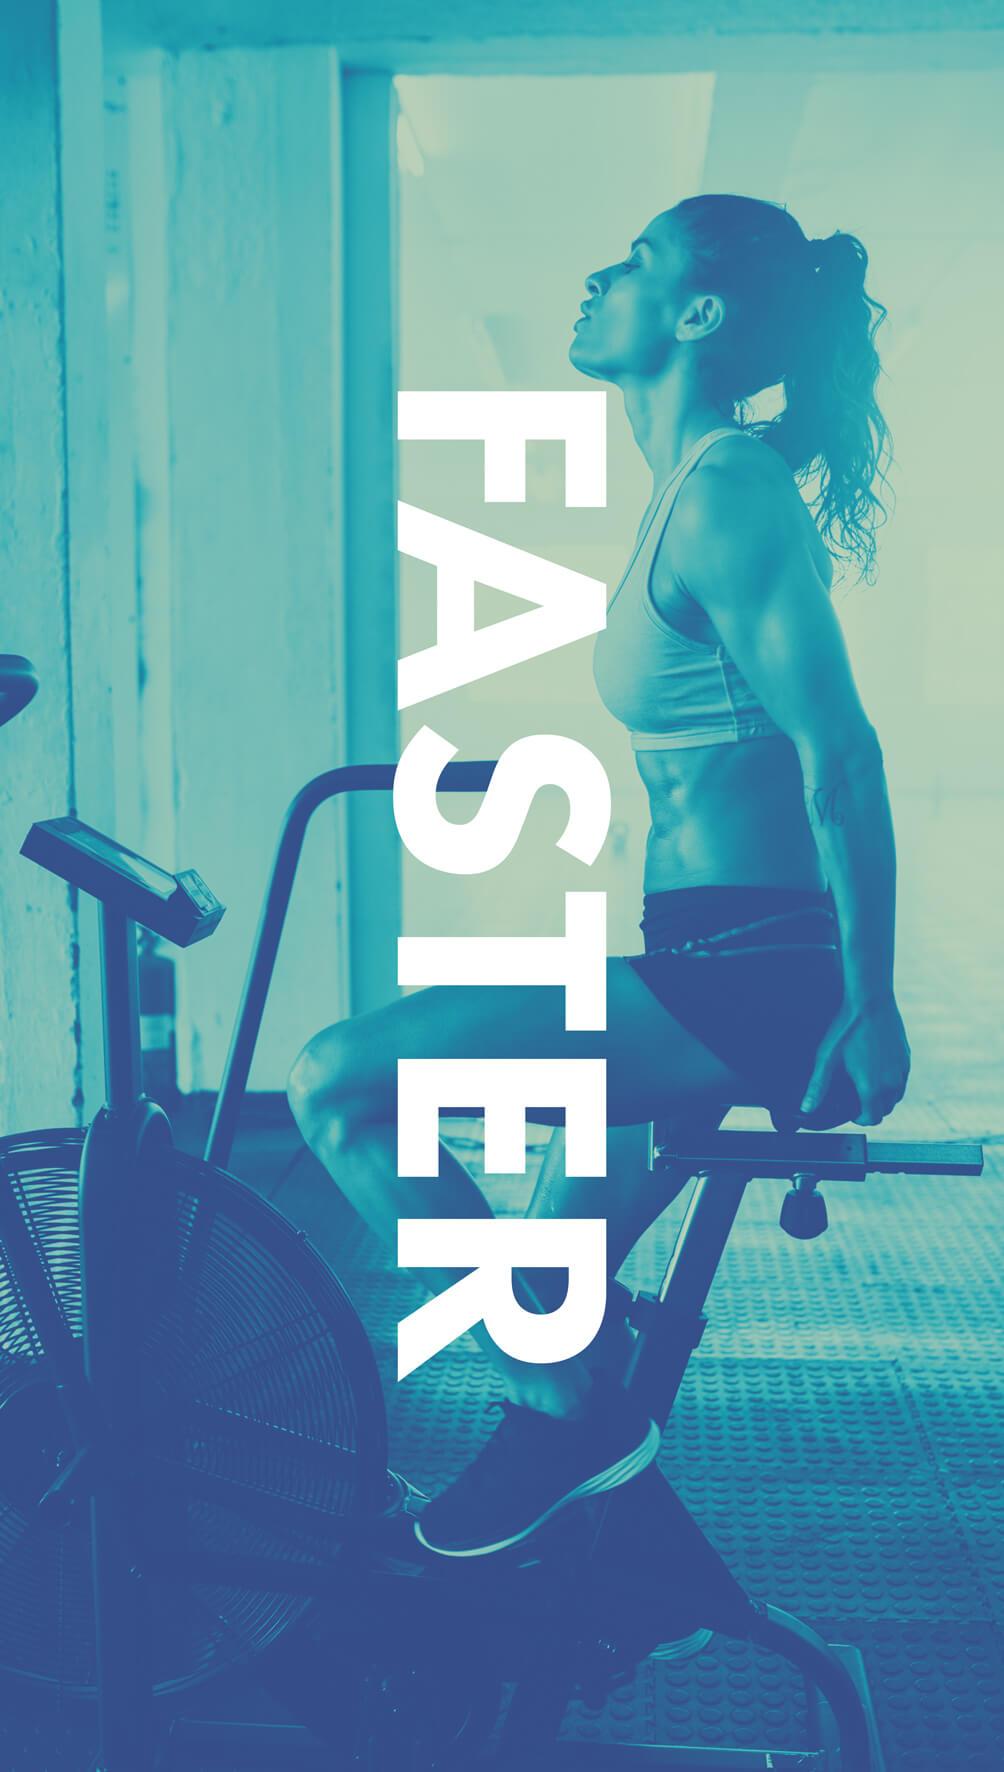 poster_faster.jpg